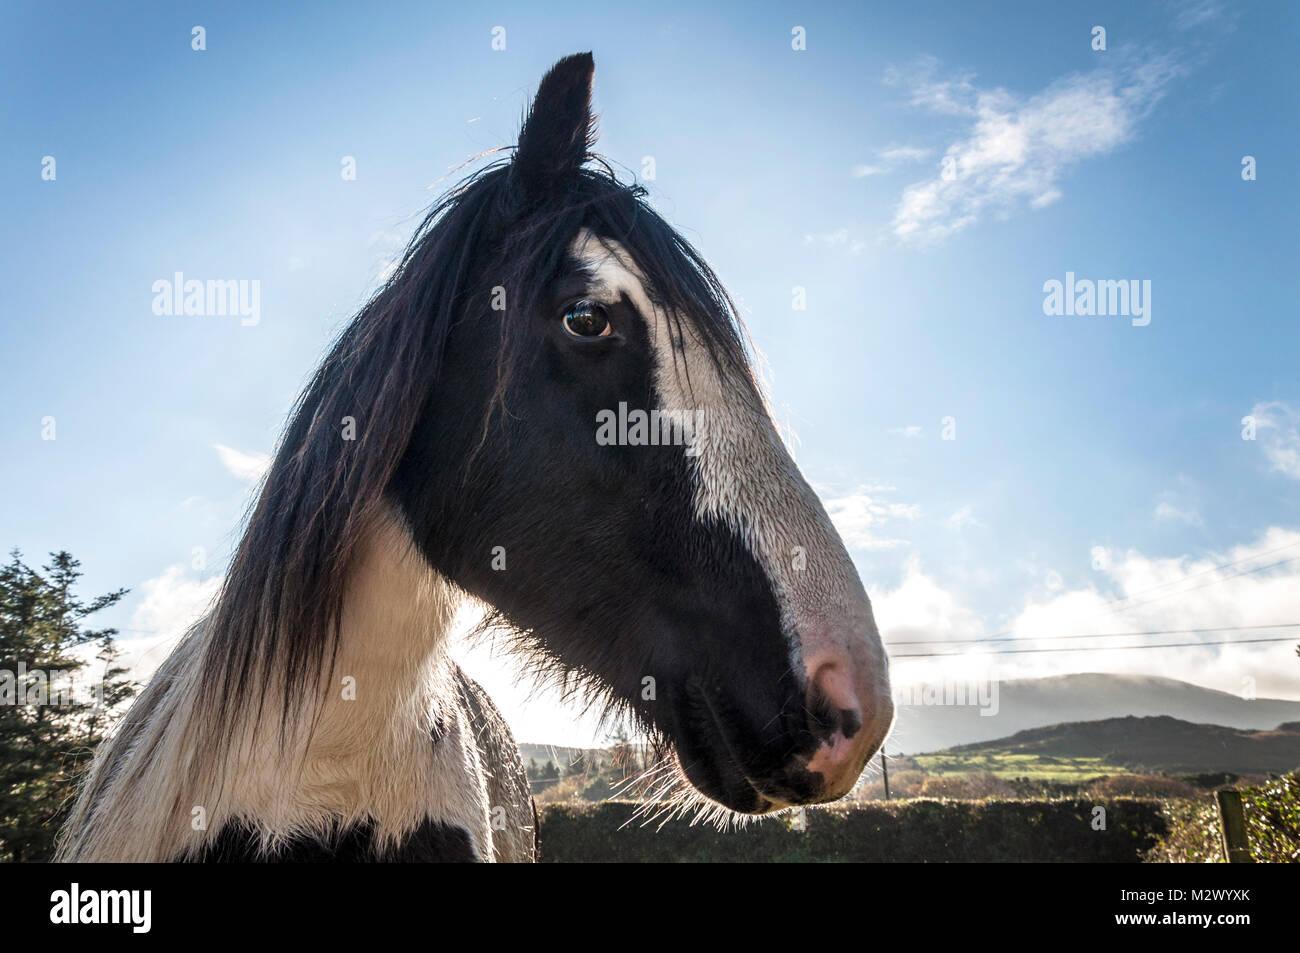 Horse Portrait in einem Feld in der Grafschaft Donegal, Irland Stockbild